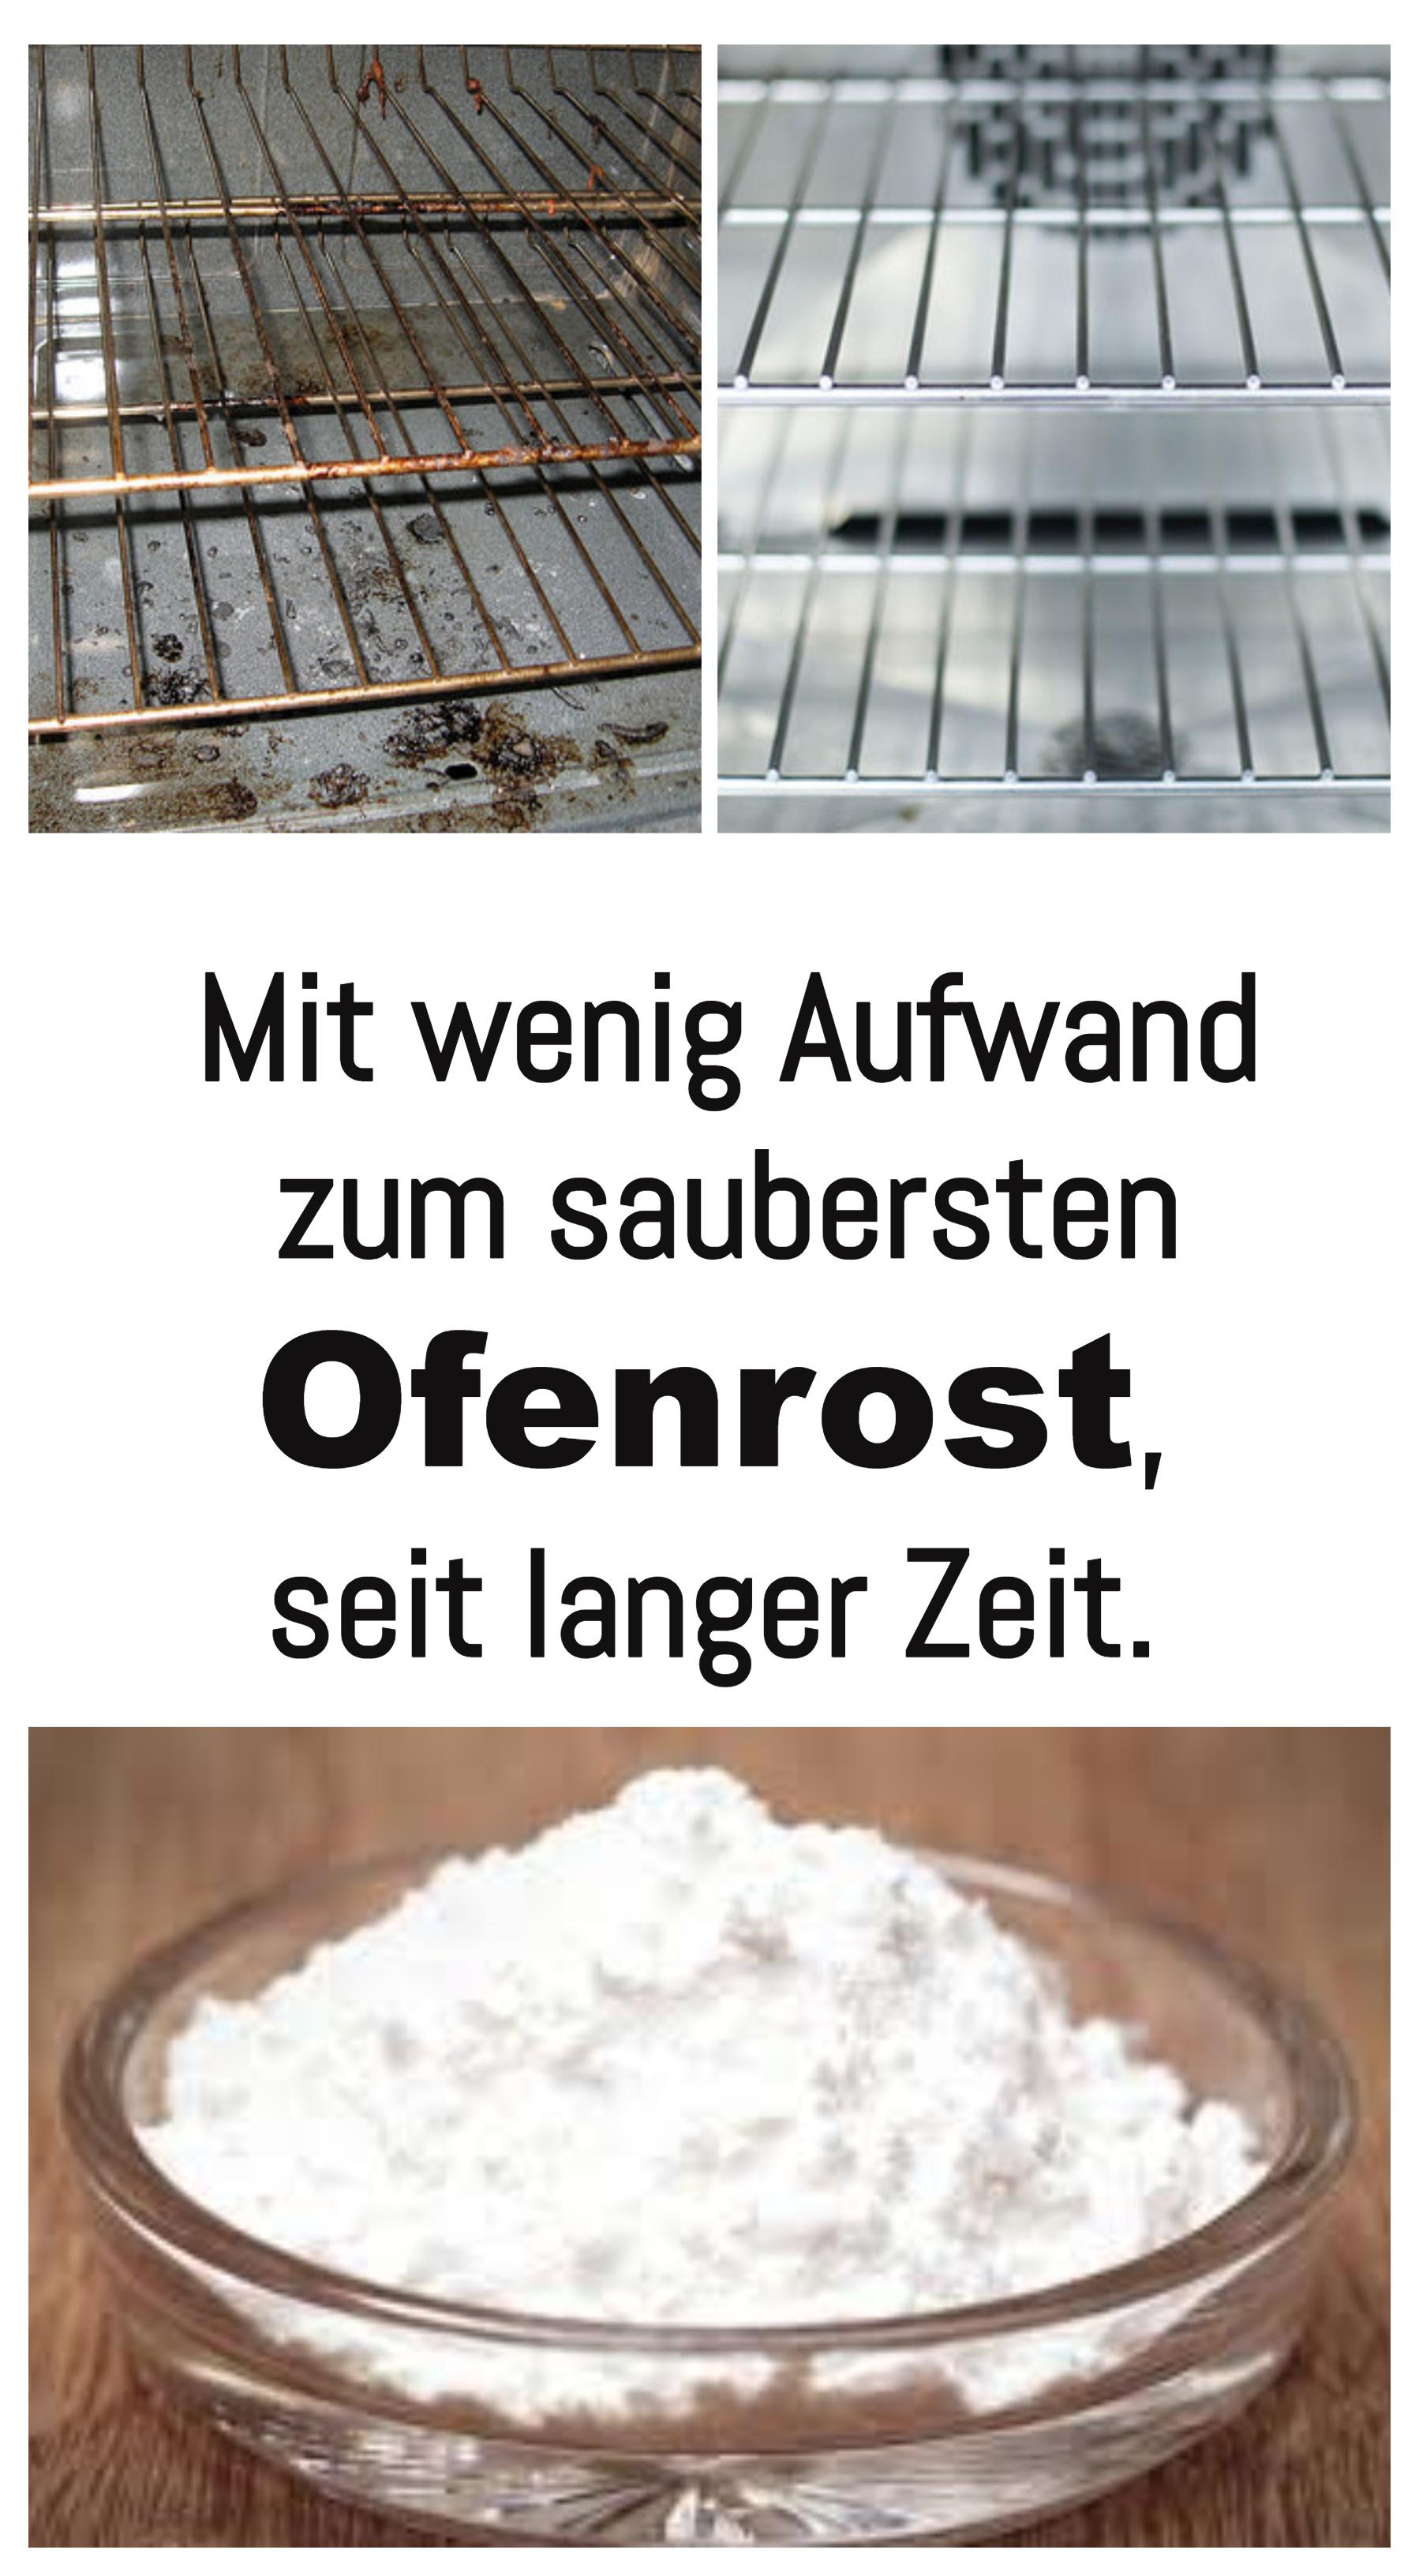 Mit Wenig Aufwand Zum Saubersten Ofenrost Seit Langer Zeit Das Geht So Mit Bildern Hausreinigungs Tipps